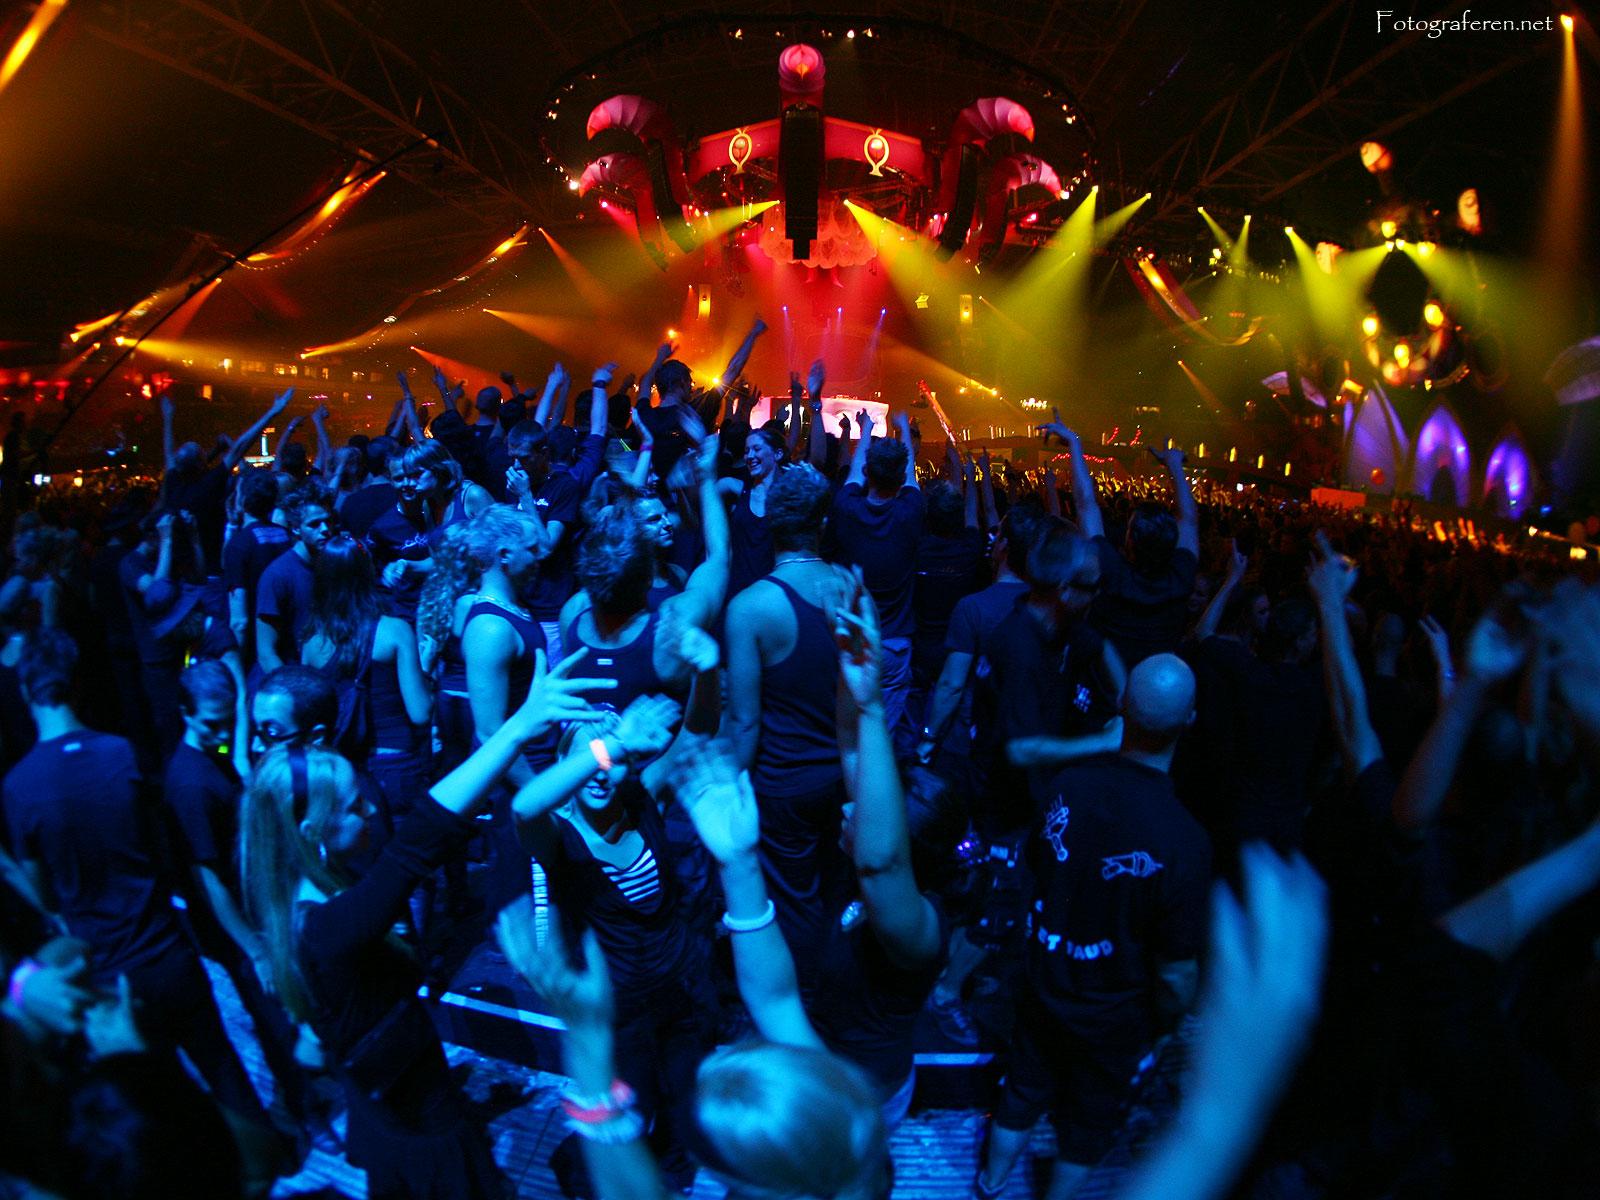 http://3.bp.blogspot.com/-Dzw6ODd3WEg/Tn6BqO8uPRI/AAAAAAAAAHs/OSYxrycq4mM/s1600/sensation-black-2006-2.jpg